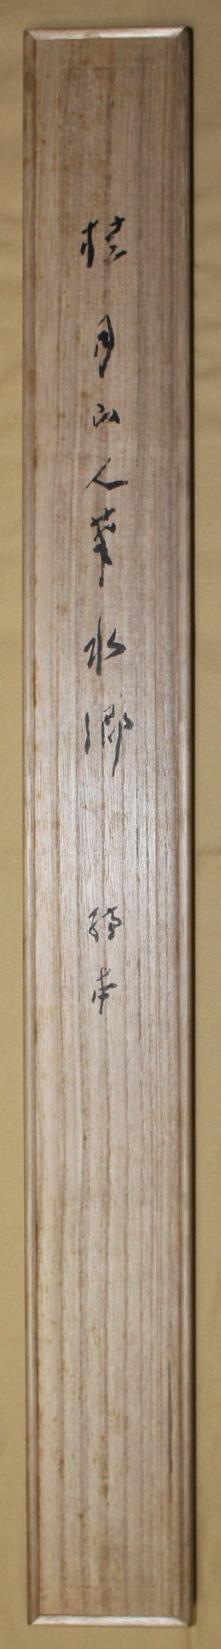 松林桂月の画像 p1_30